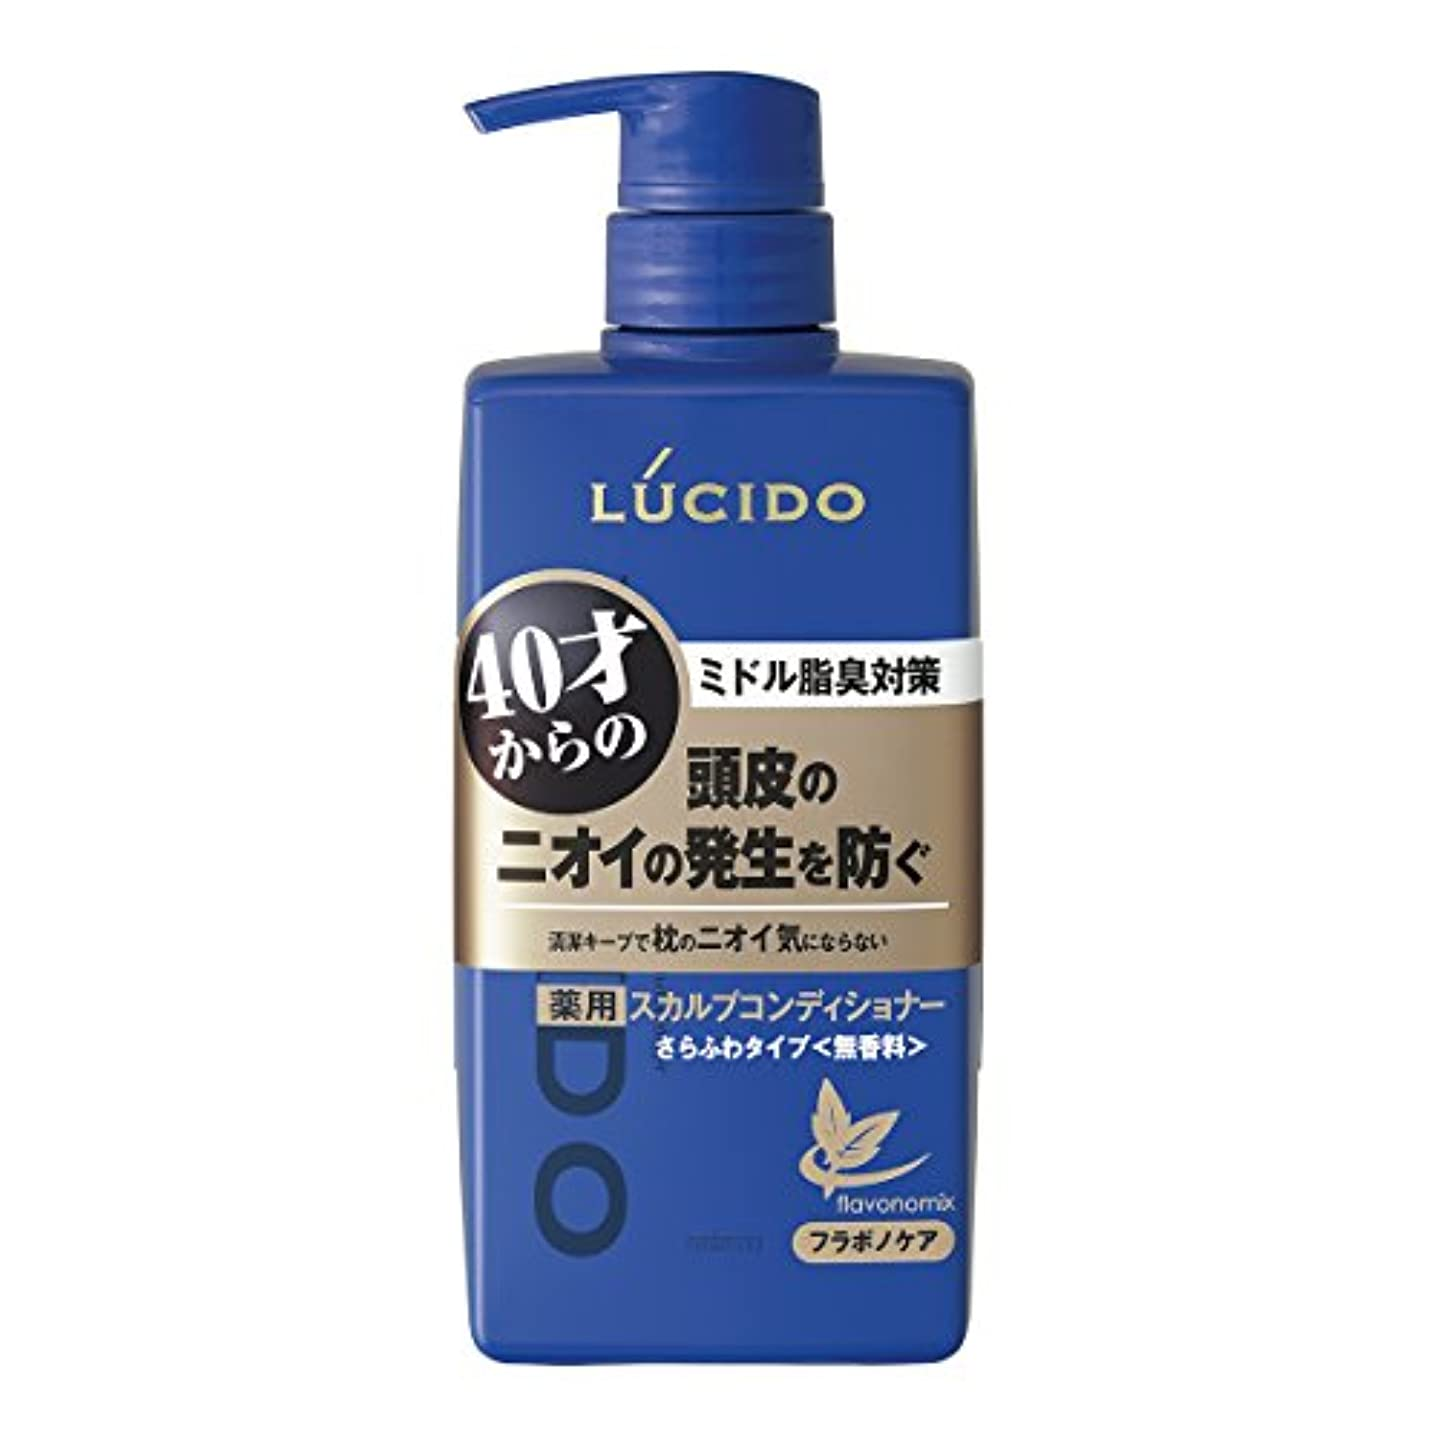 添加ぬれた指ルシード 薬用ヘア&スカルプコンディショナー 450g(医薬部外品)